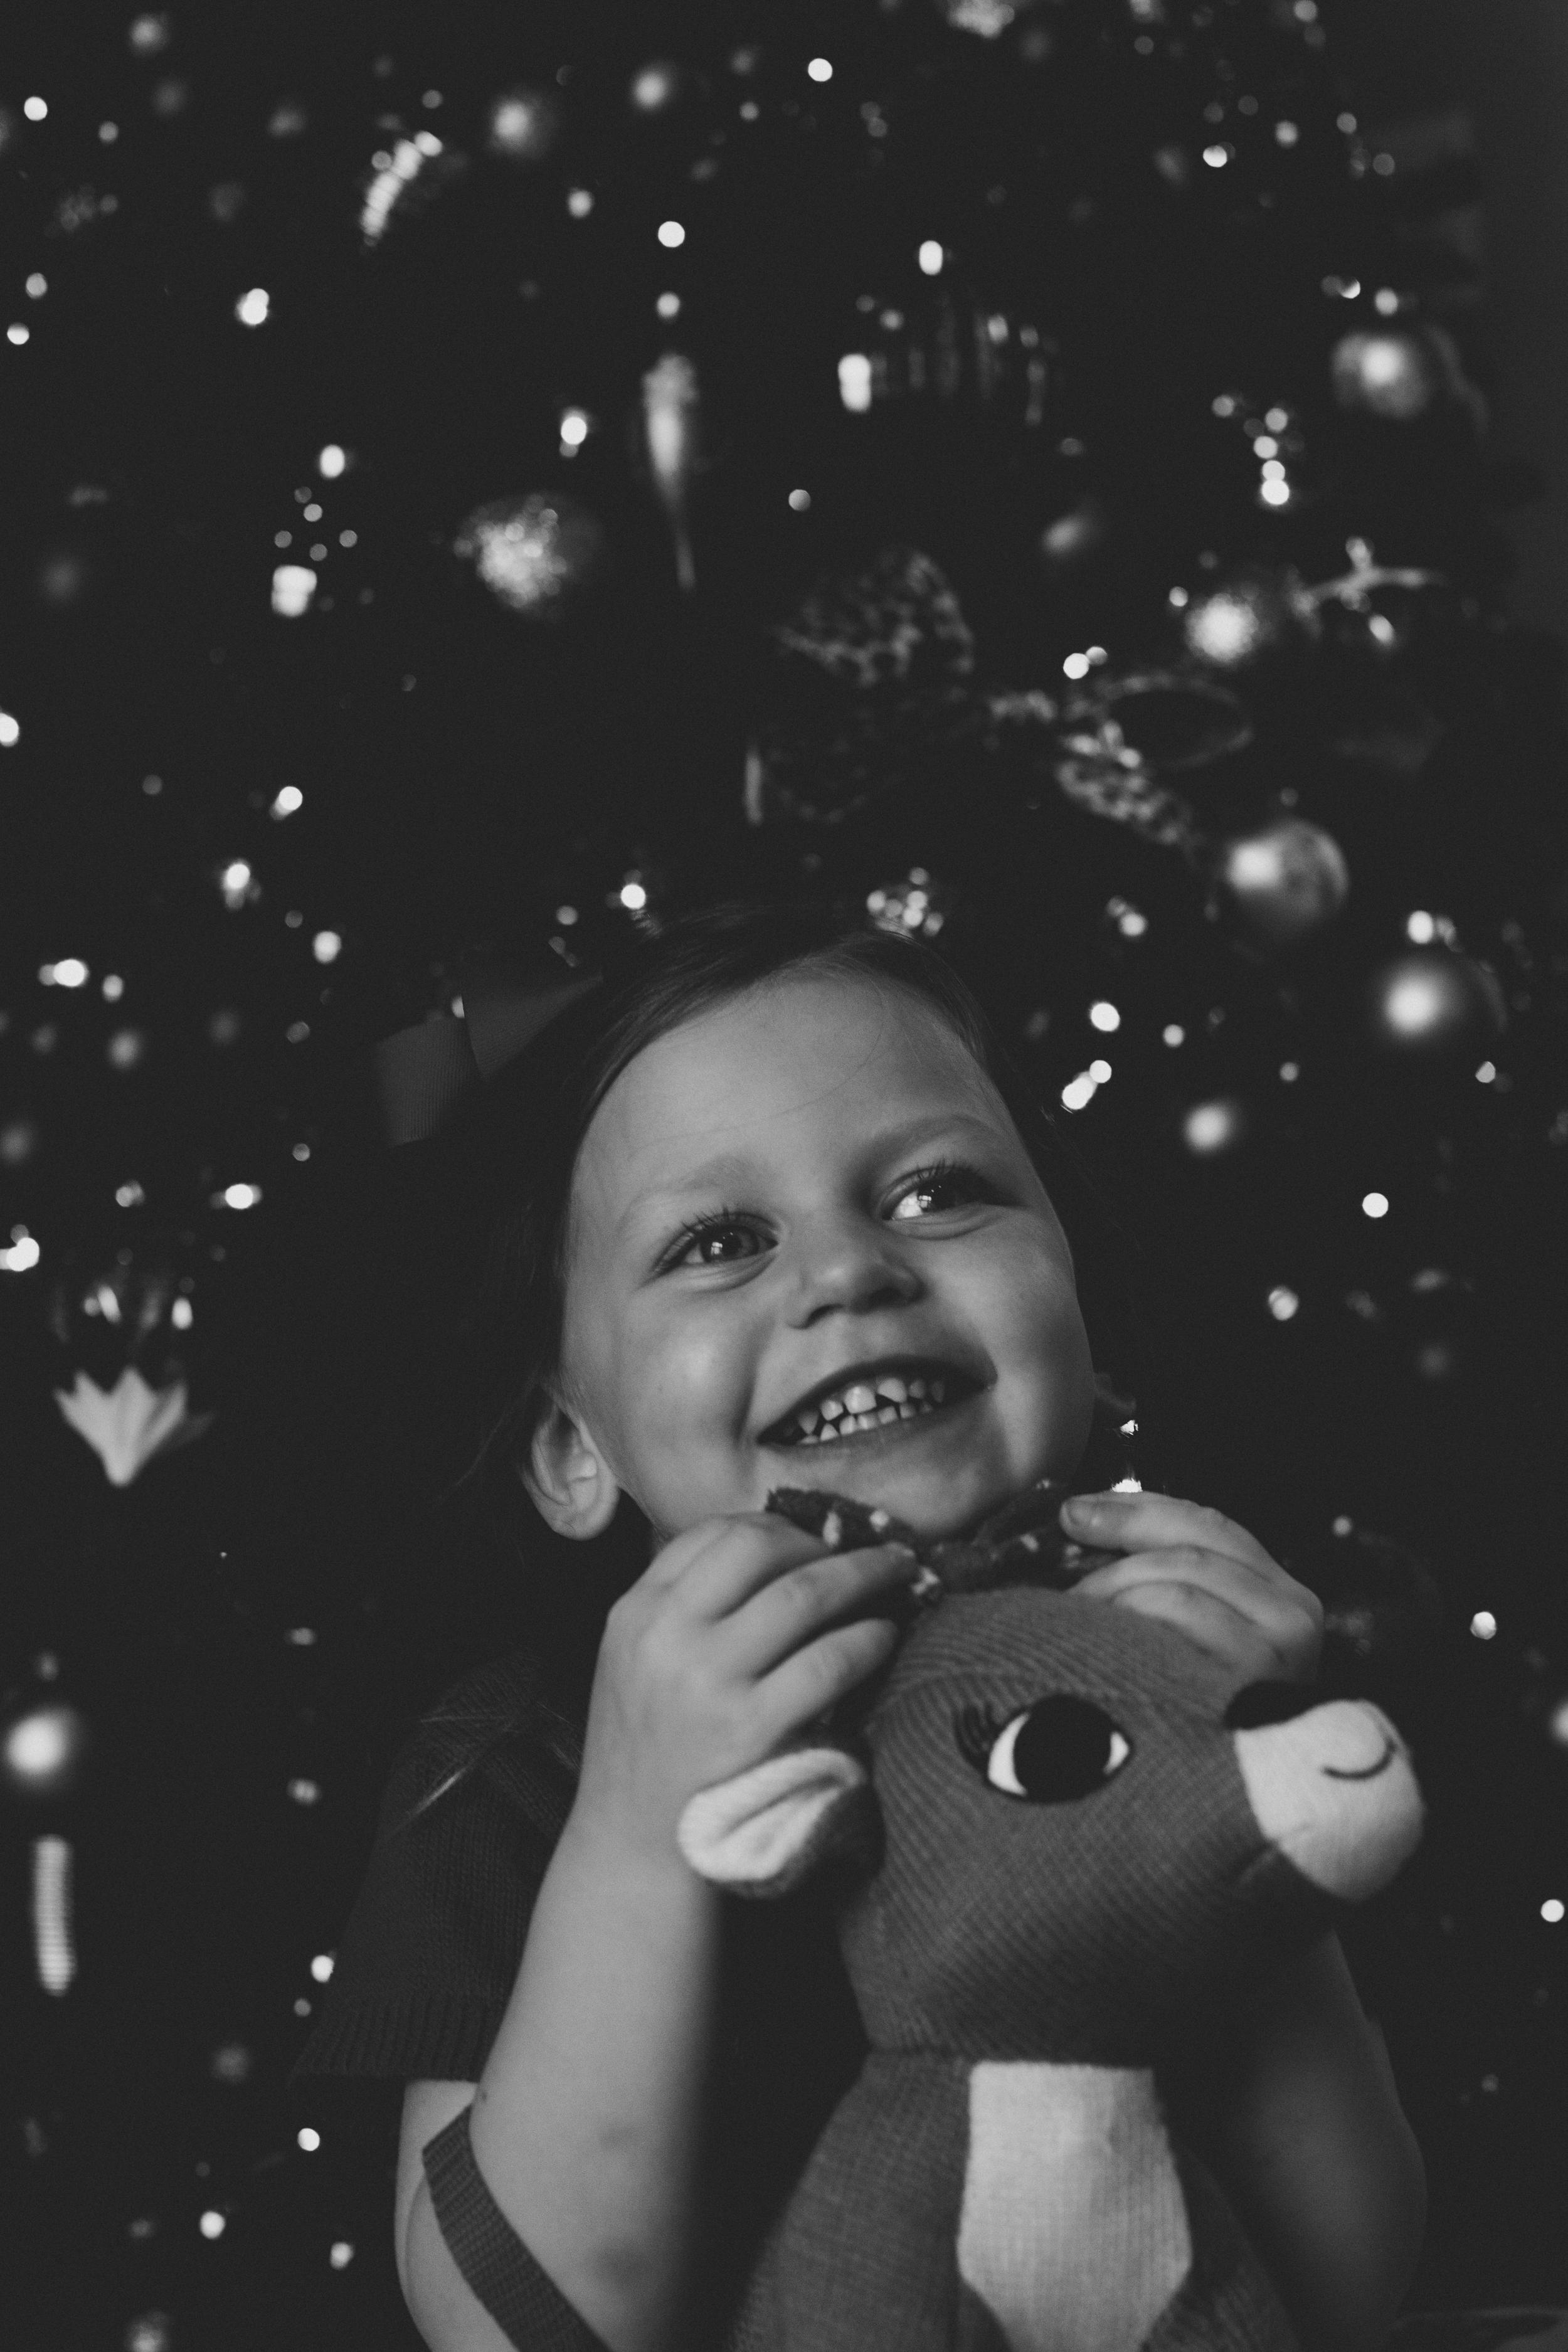 houstonfamilyphotographer-h2014-greer-greerfam-237.jpg